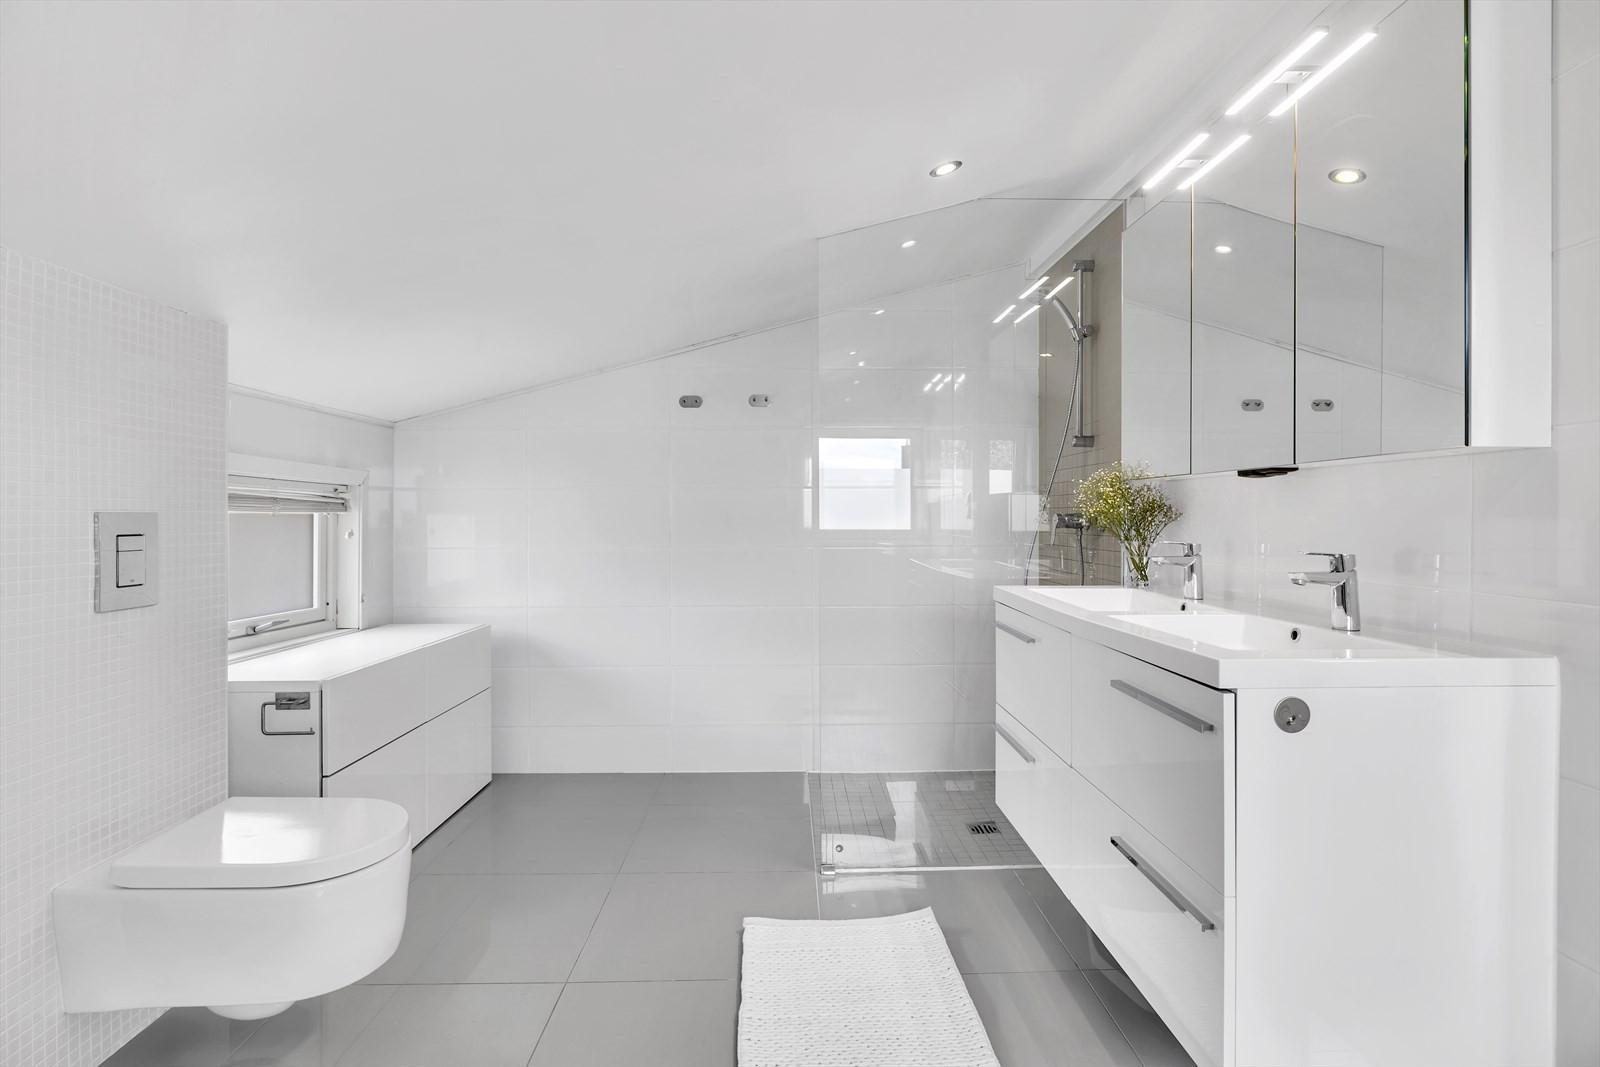 Fint rom med innredning med doble servanter, dusjnisje og hjørnekar